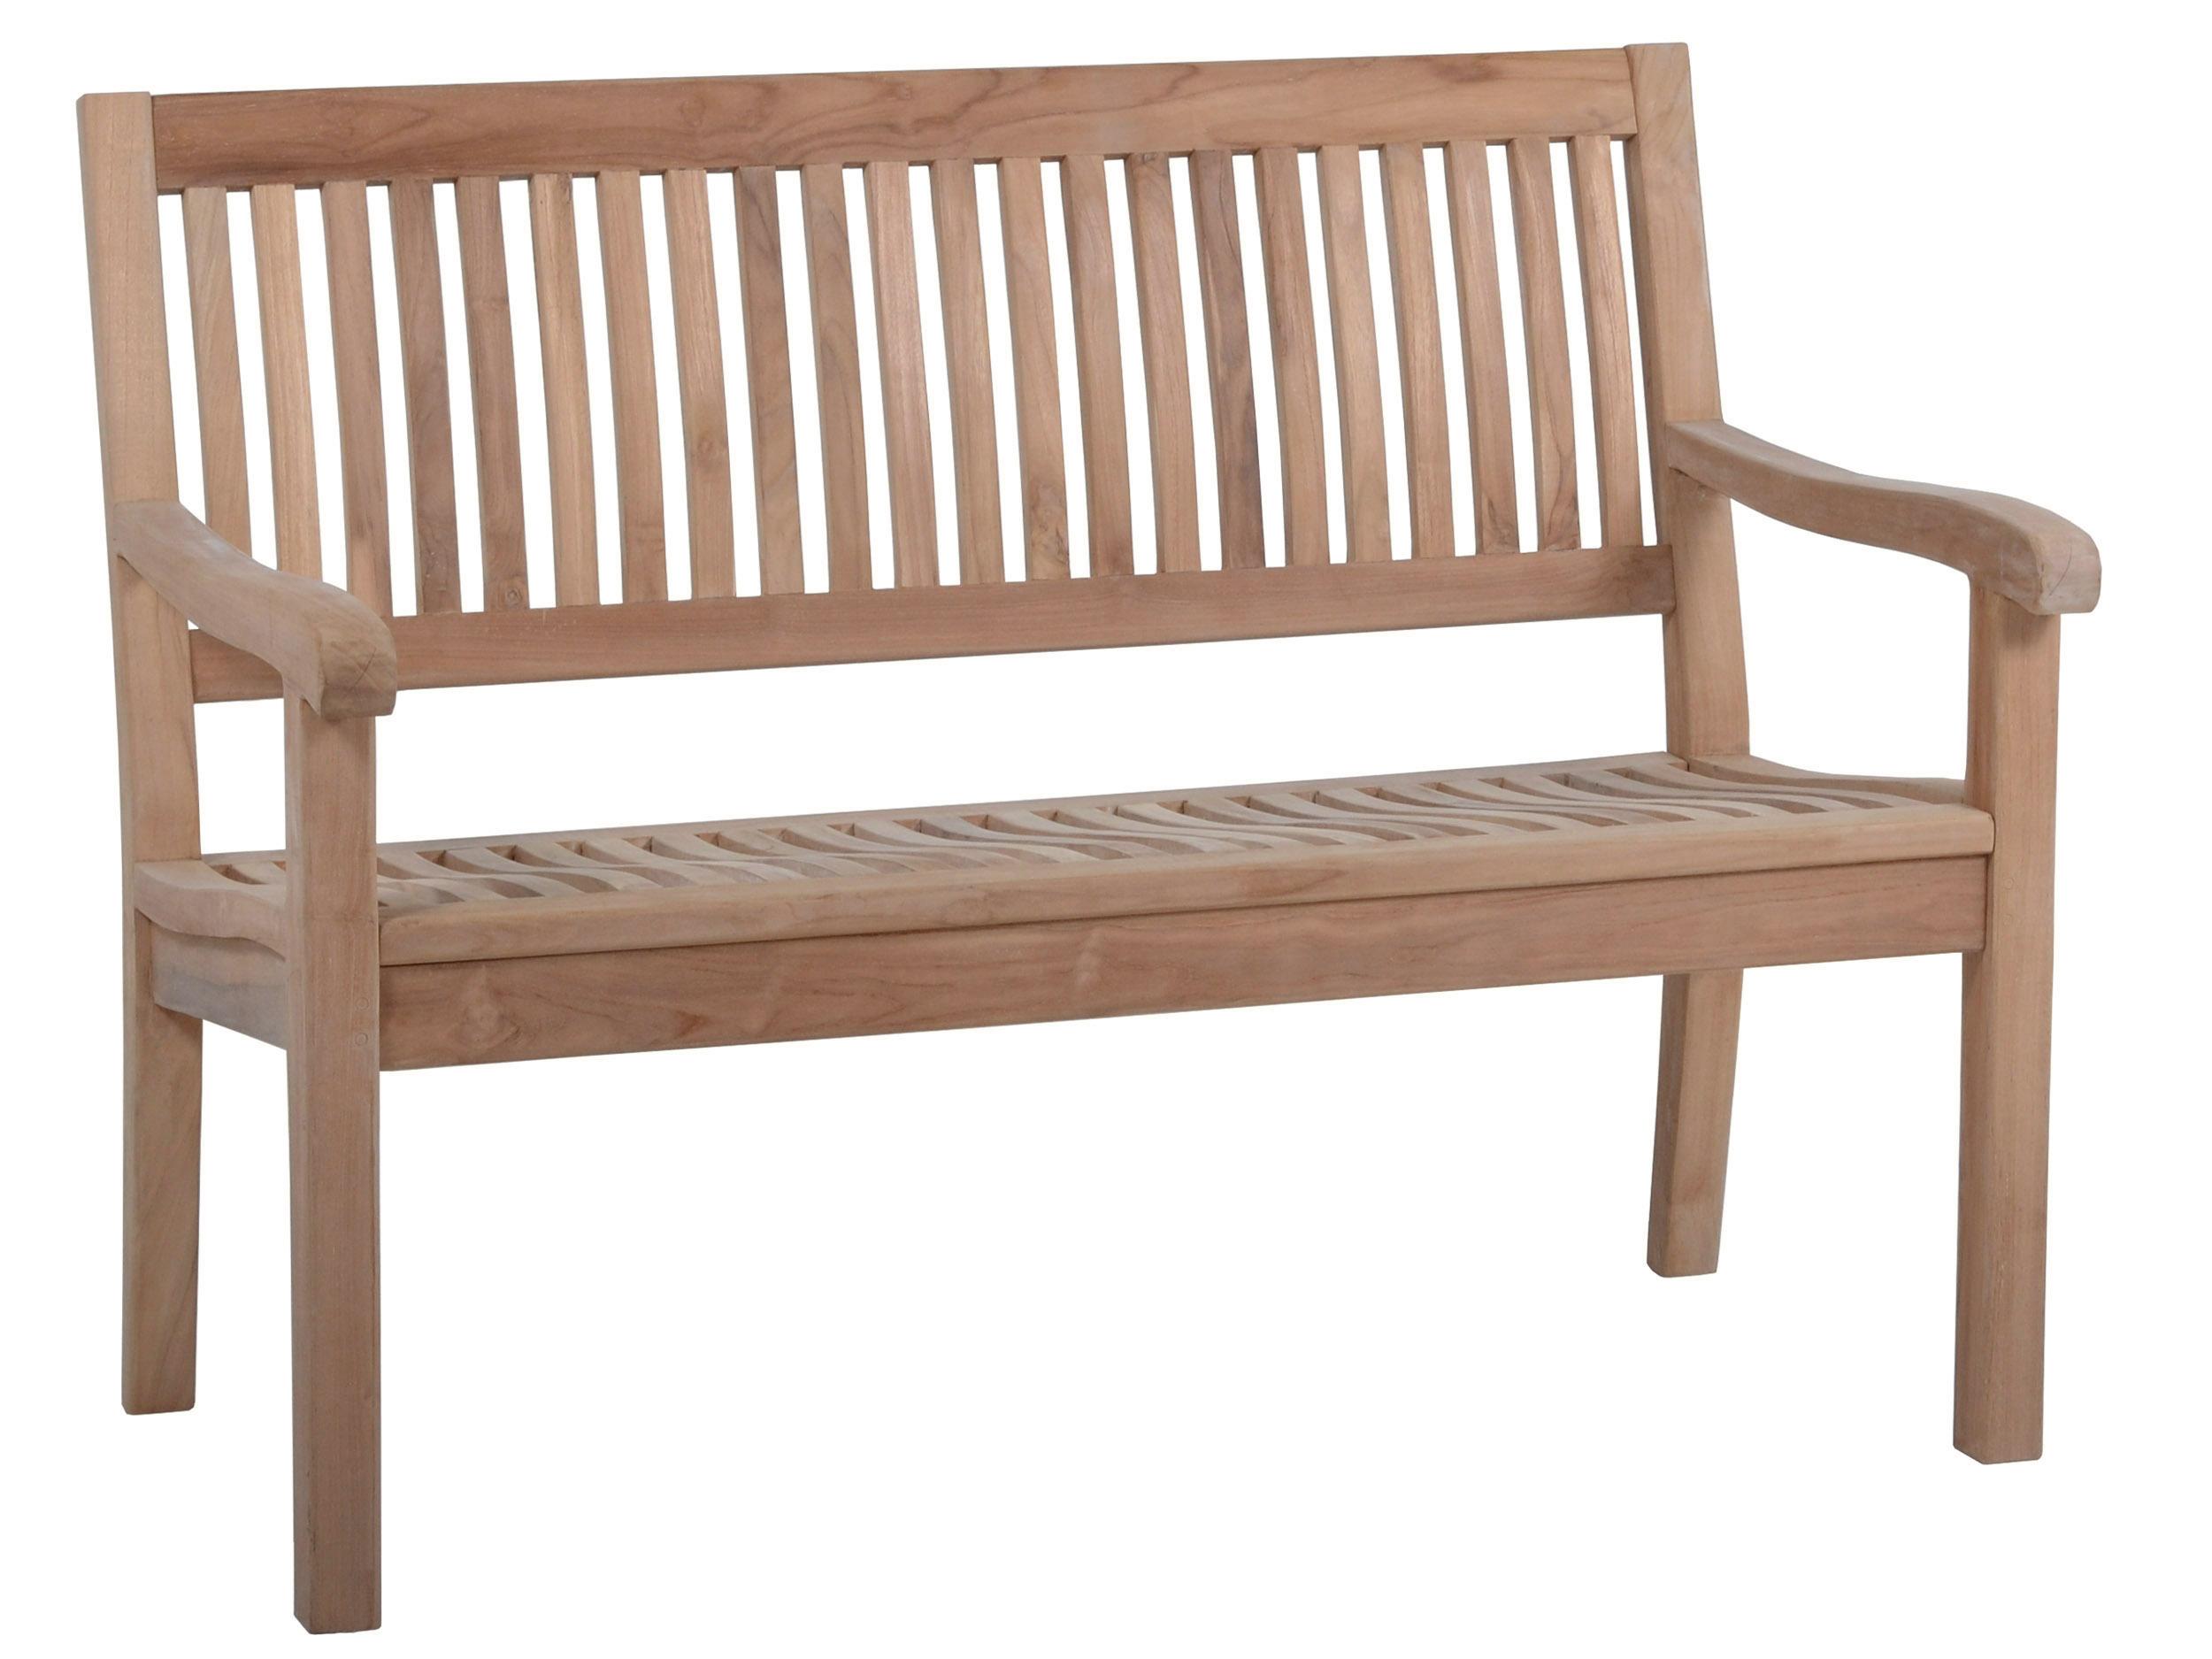 teakholz gartenbank coral 120cm 2 sitzer gartenm bel l nse. Black Bedroom Furniture Sets. Home Design Ideas